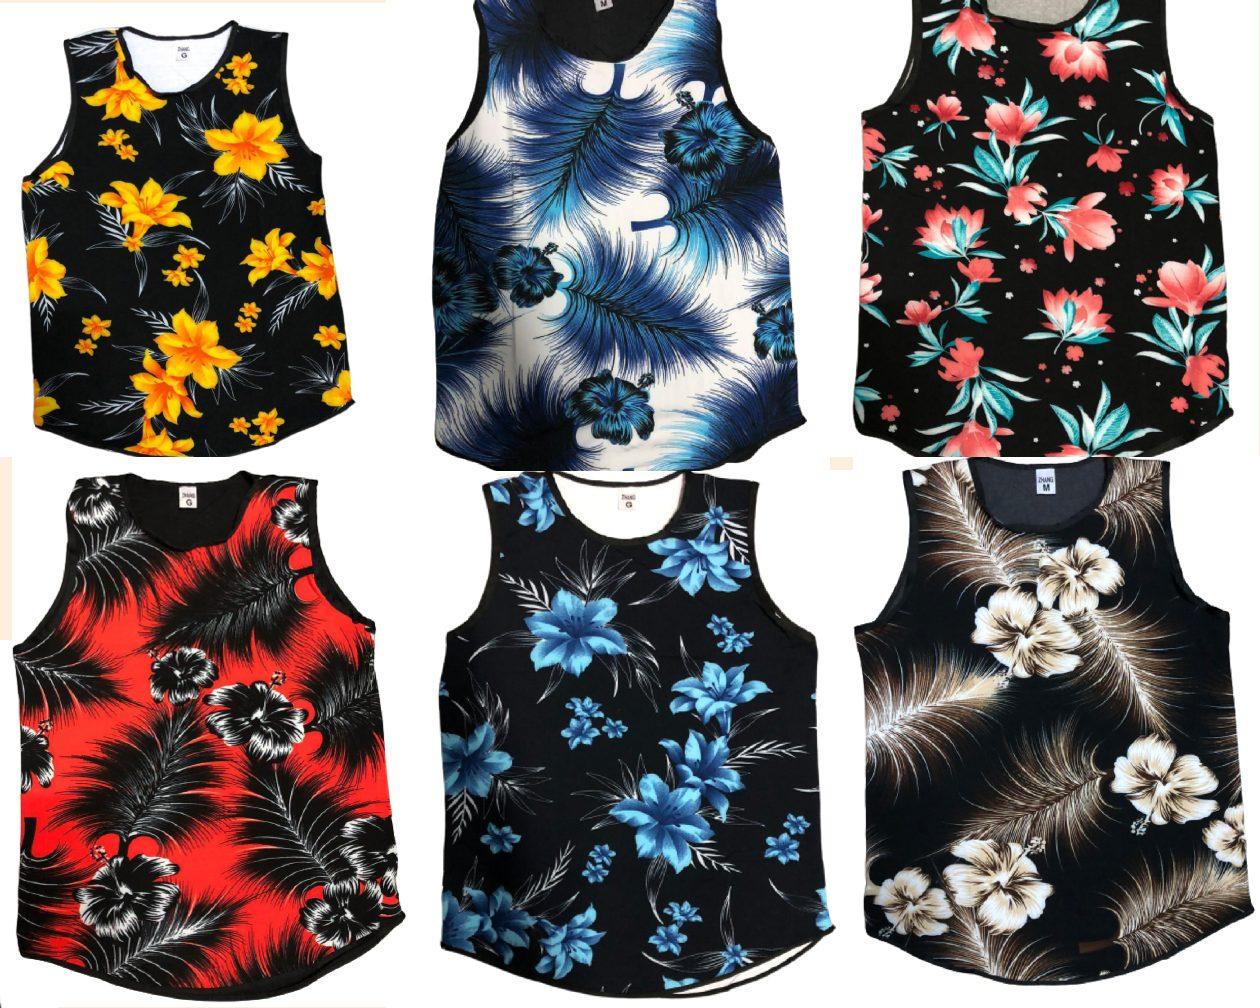 Kit 10 Regatas Camisetas Masculinas Long Ling Swag Florida Estampadas Floral